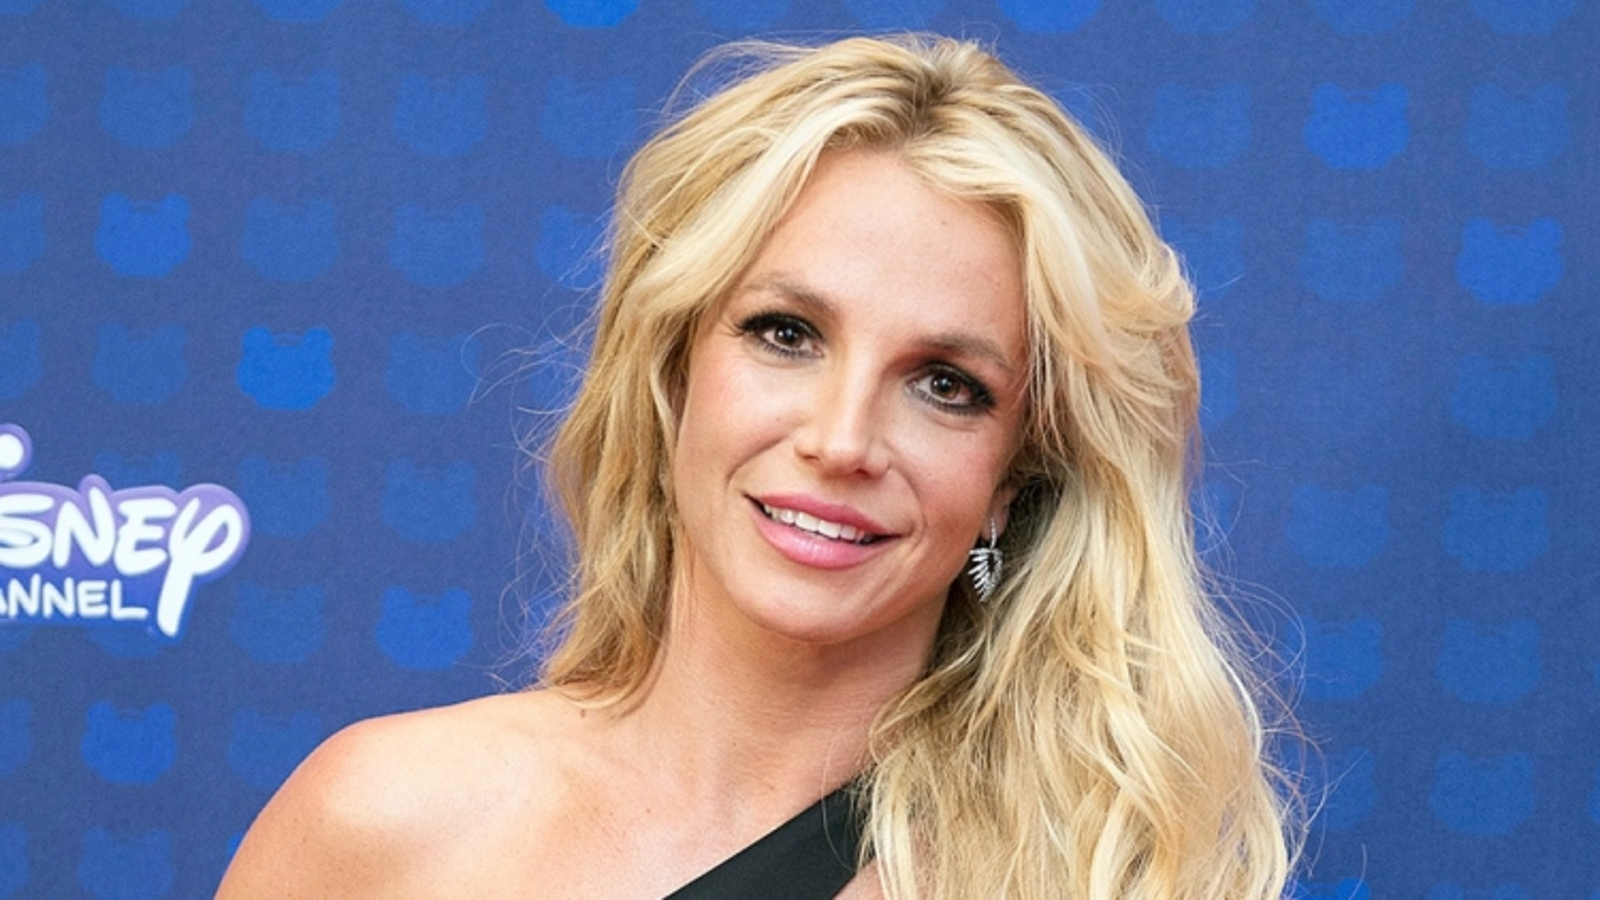 Britney Spears không tham gia biểu diễn trong thời gian tranh chấp quyền bảo hộ